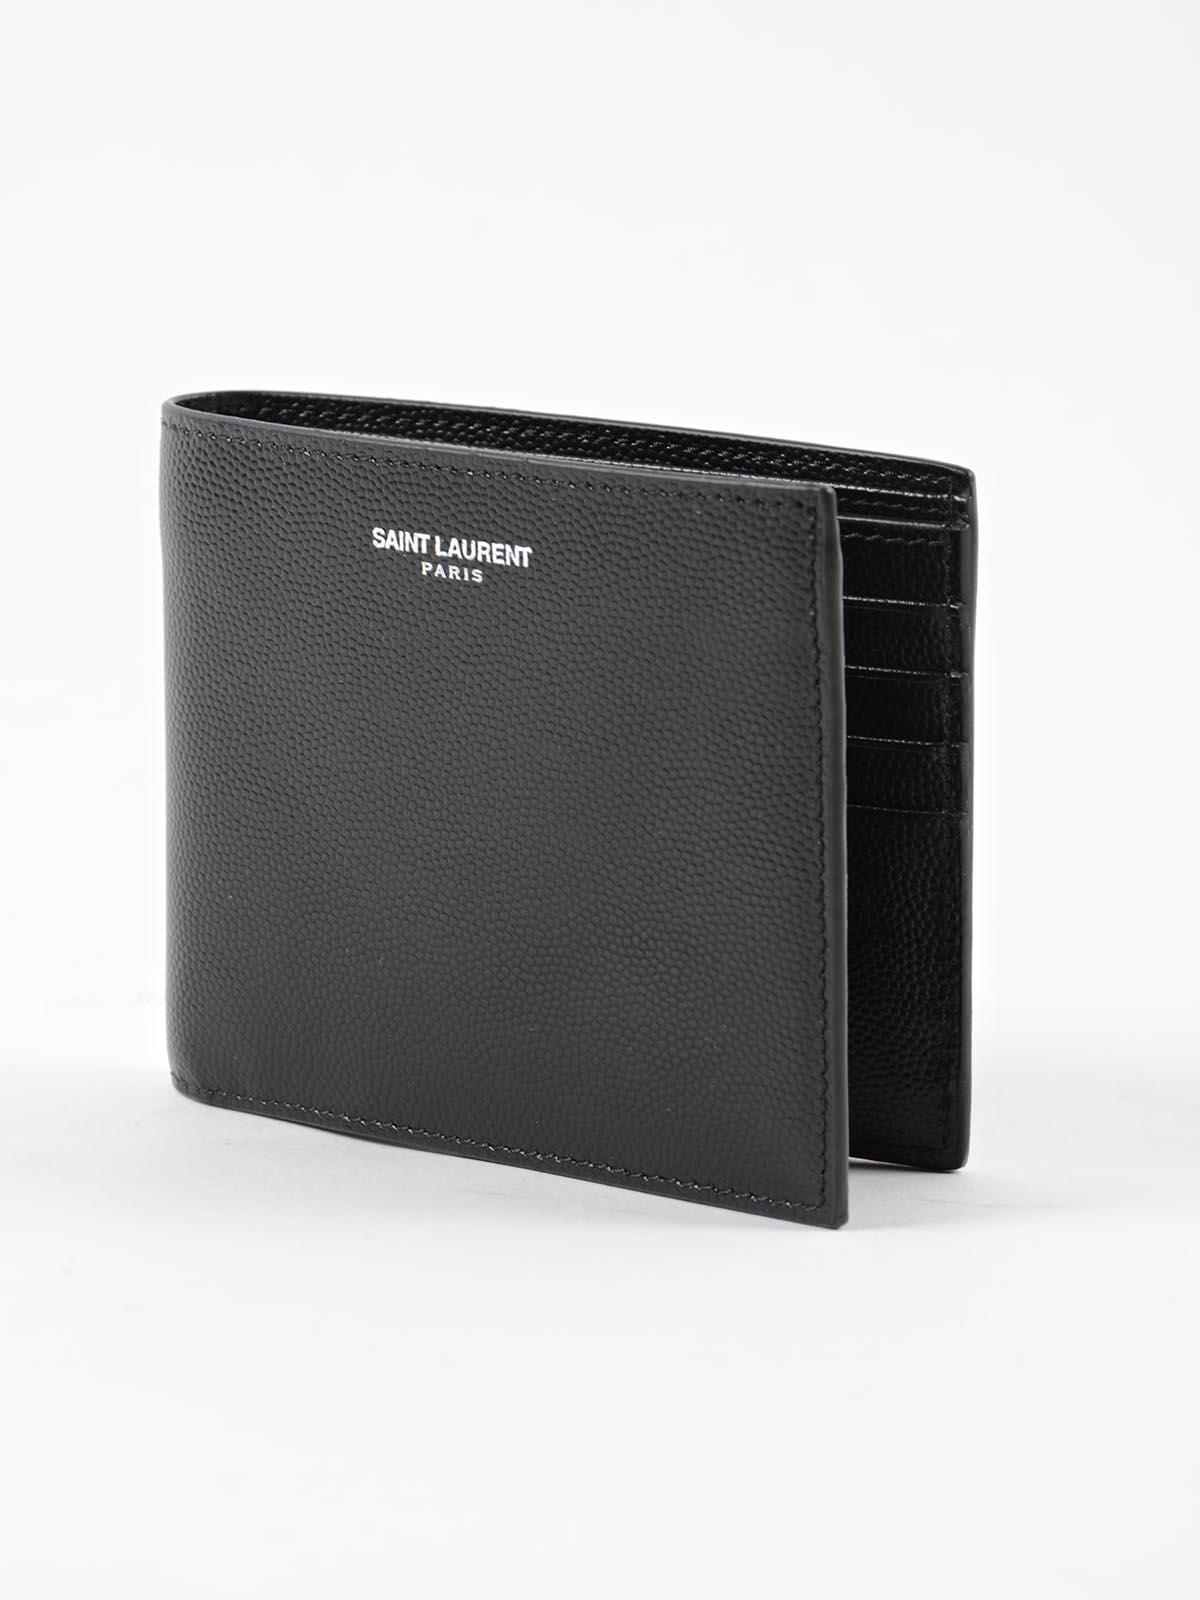 saint laurent - wallet grain d.p. - black, men's wallets | italist